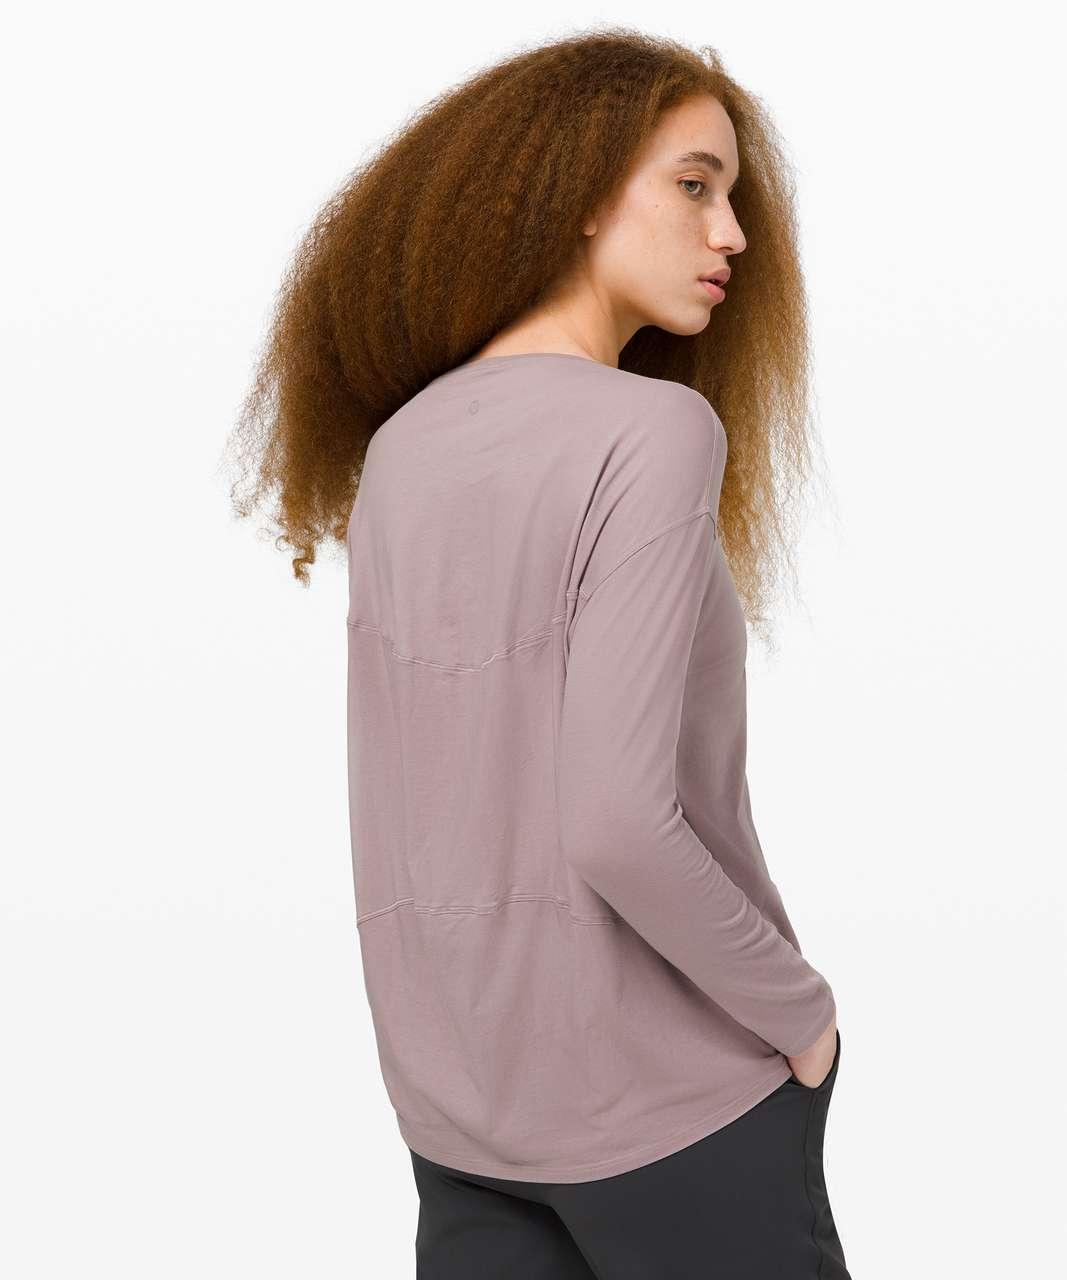 Lululemon Back In Action Long Sleeve - Violet Verbena